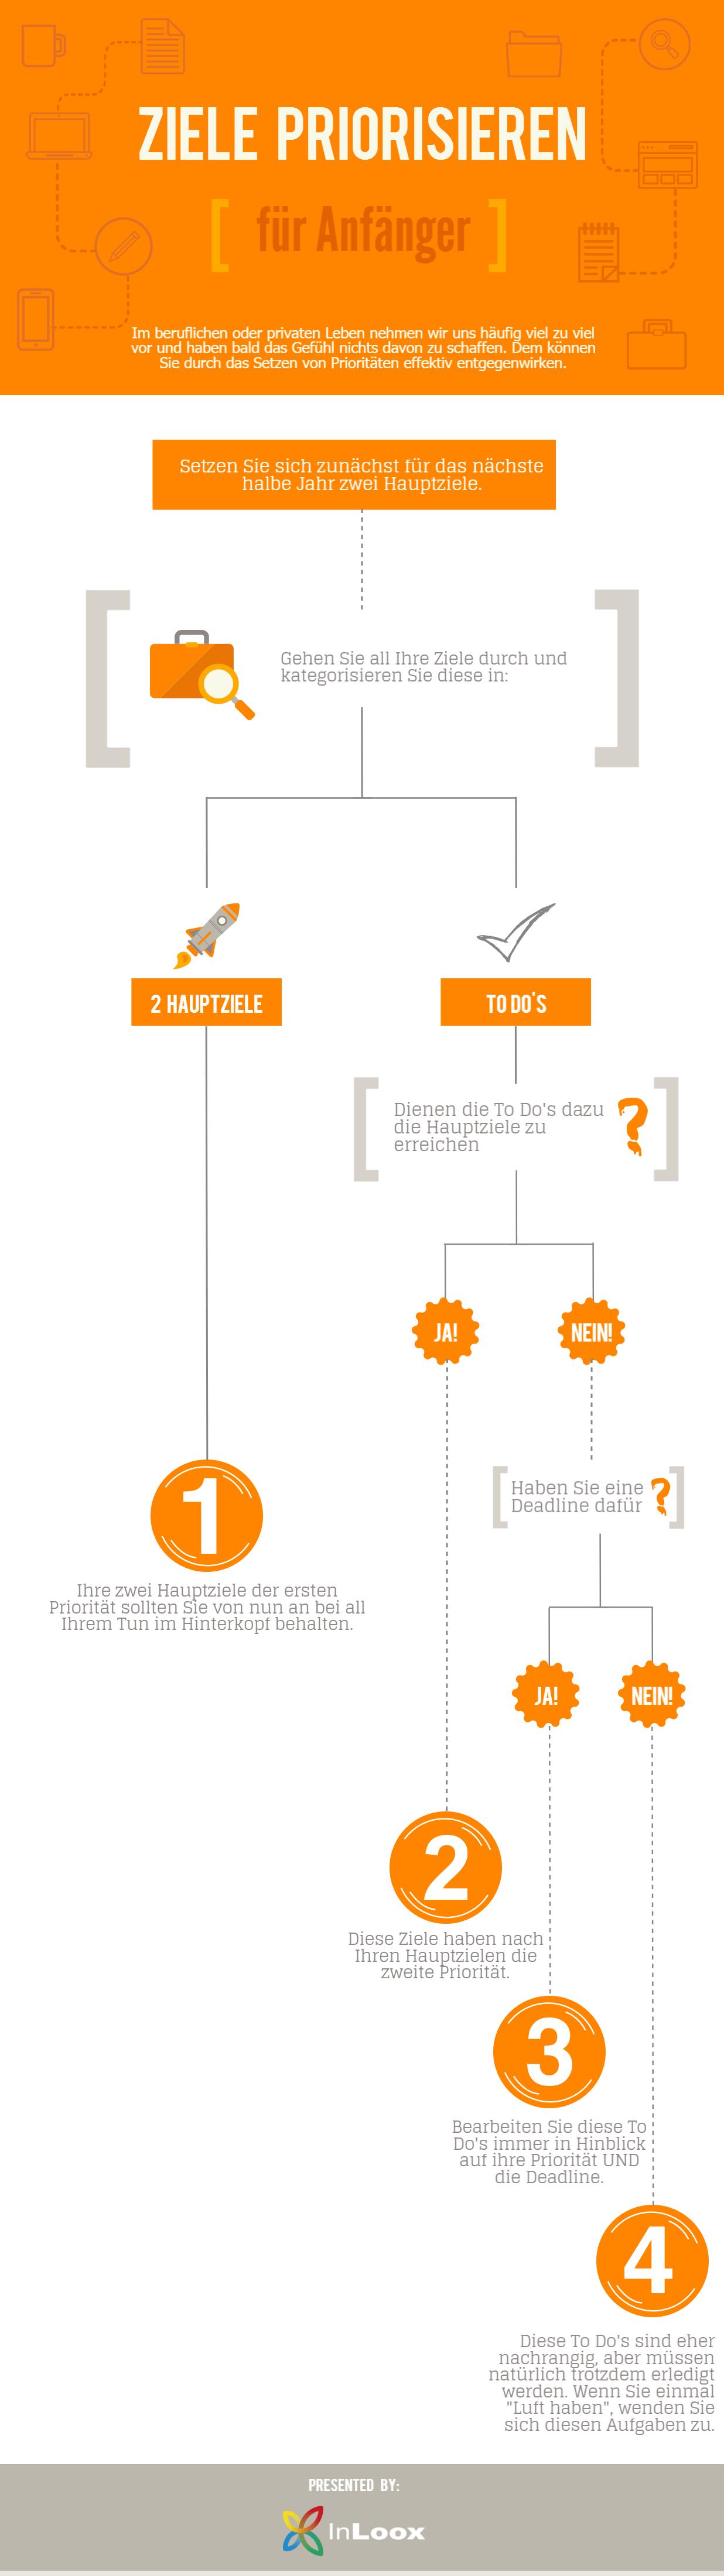 Infografik: Ziele priorisieren für Anfänger